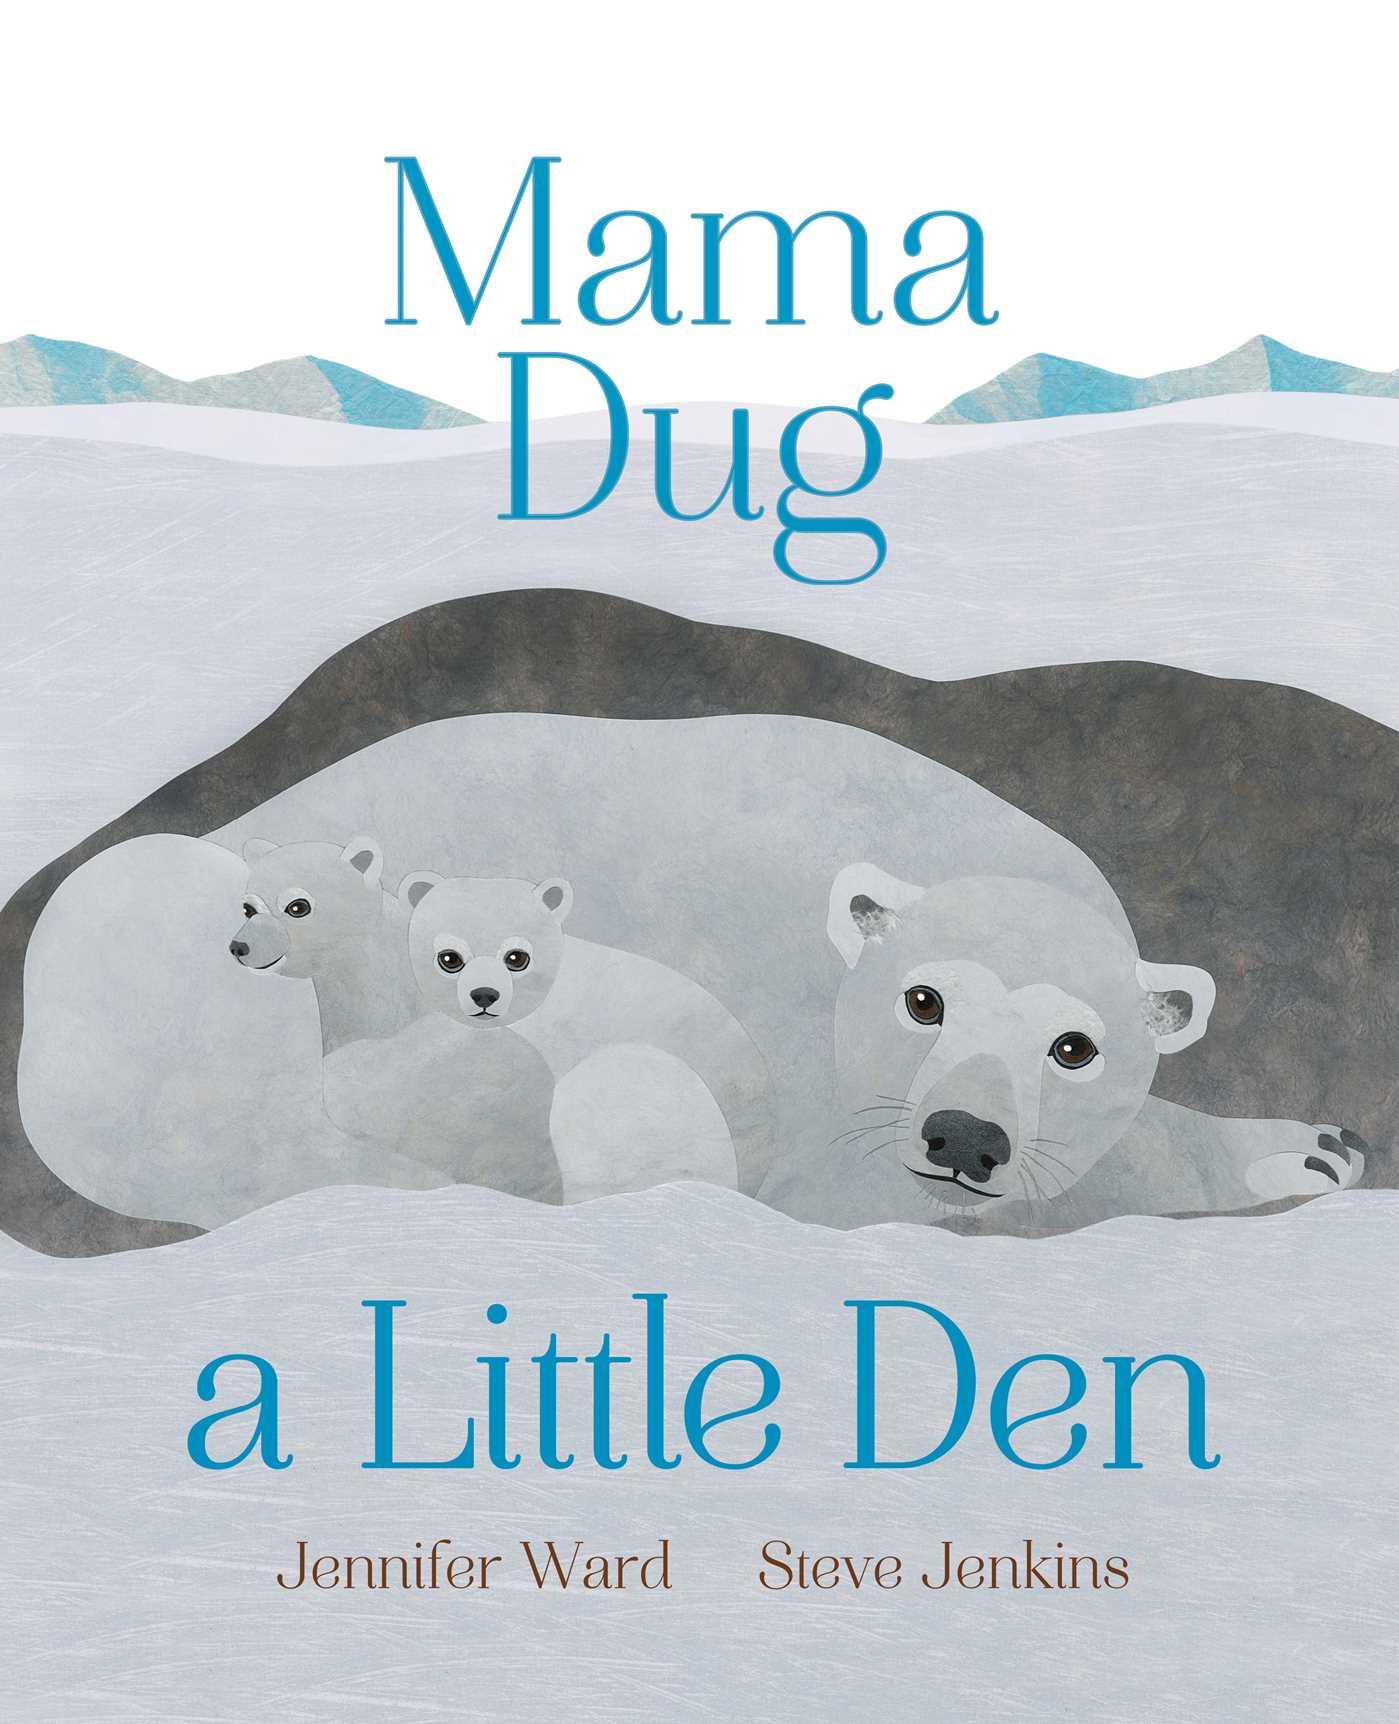 Mama dug a little den 9781481480376 hr